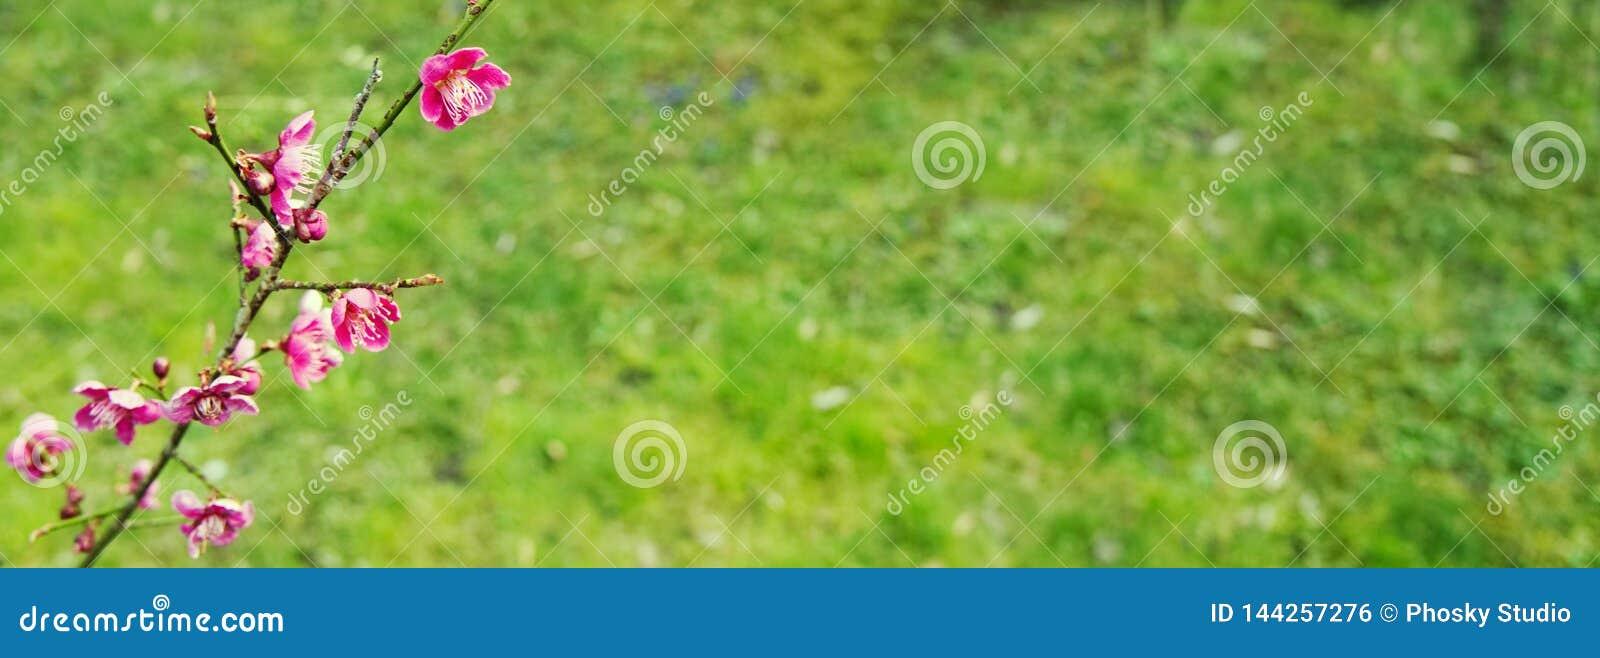 Fiori rosa su un fondo di erba